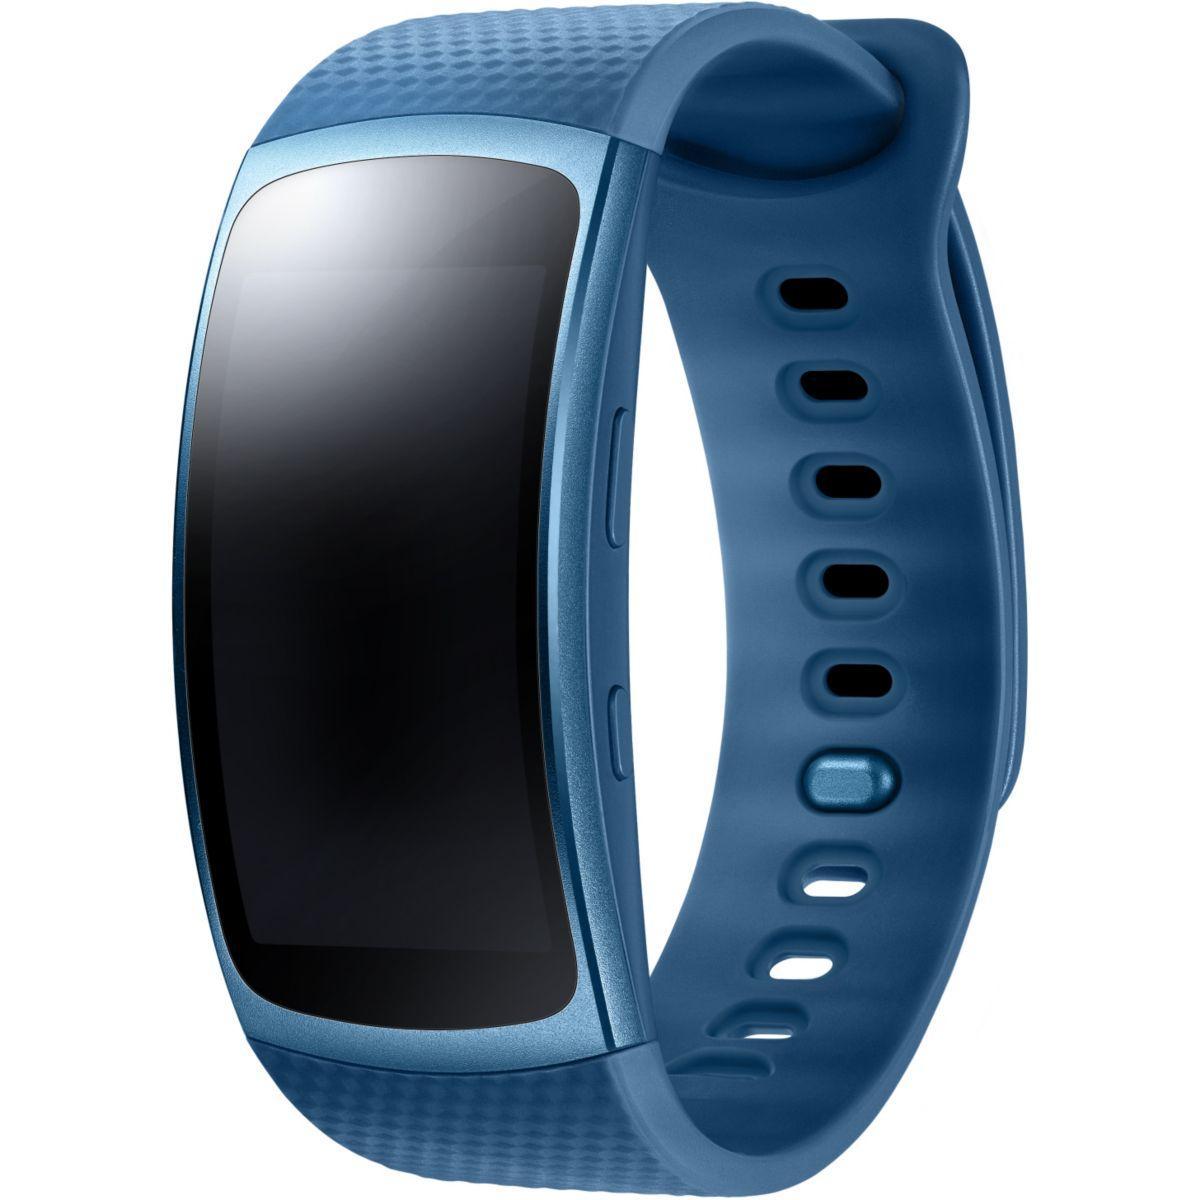 Montre connectée samsung gear fit 2 bleu taille s - 2% de remise immédiate avec le code : top2 (photo)